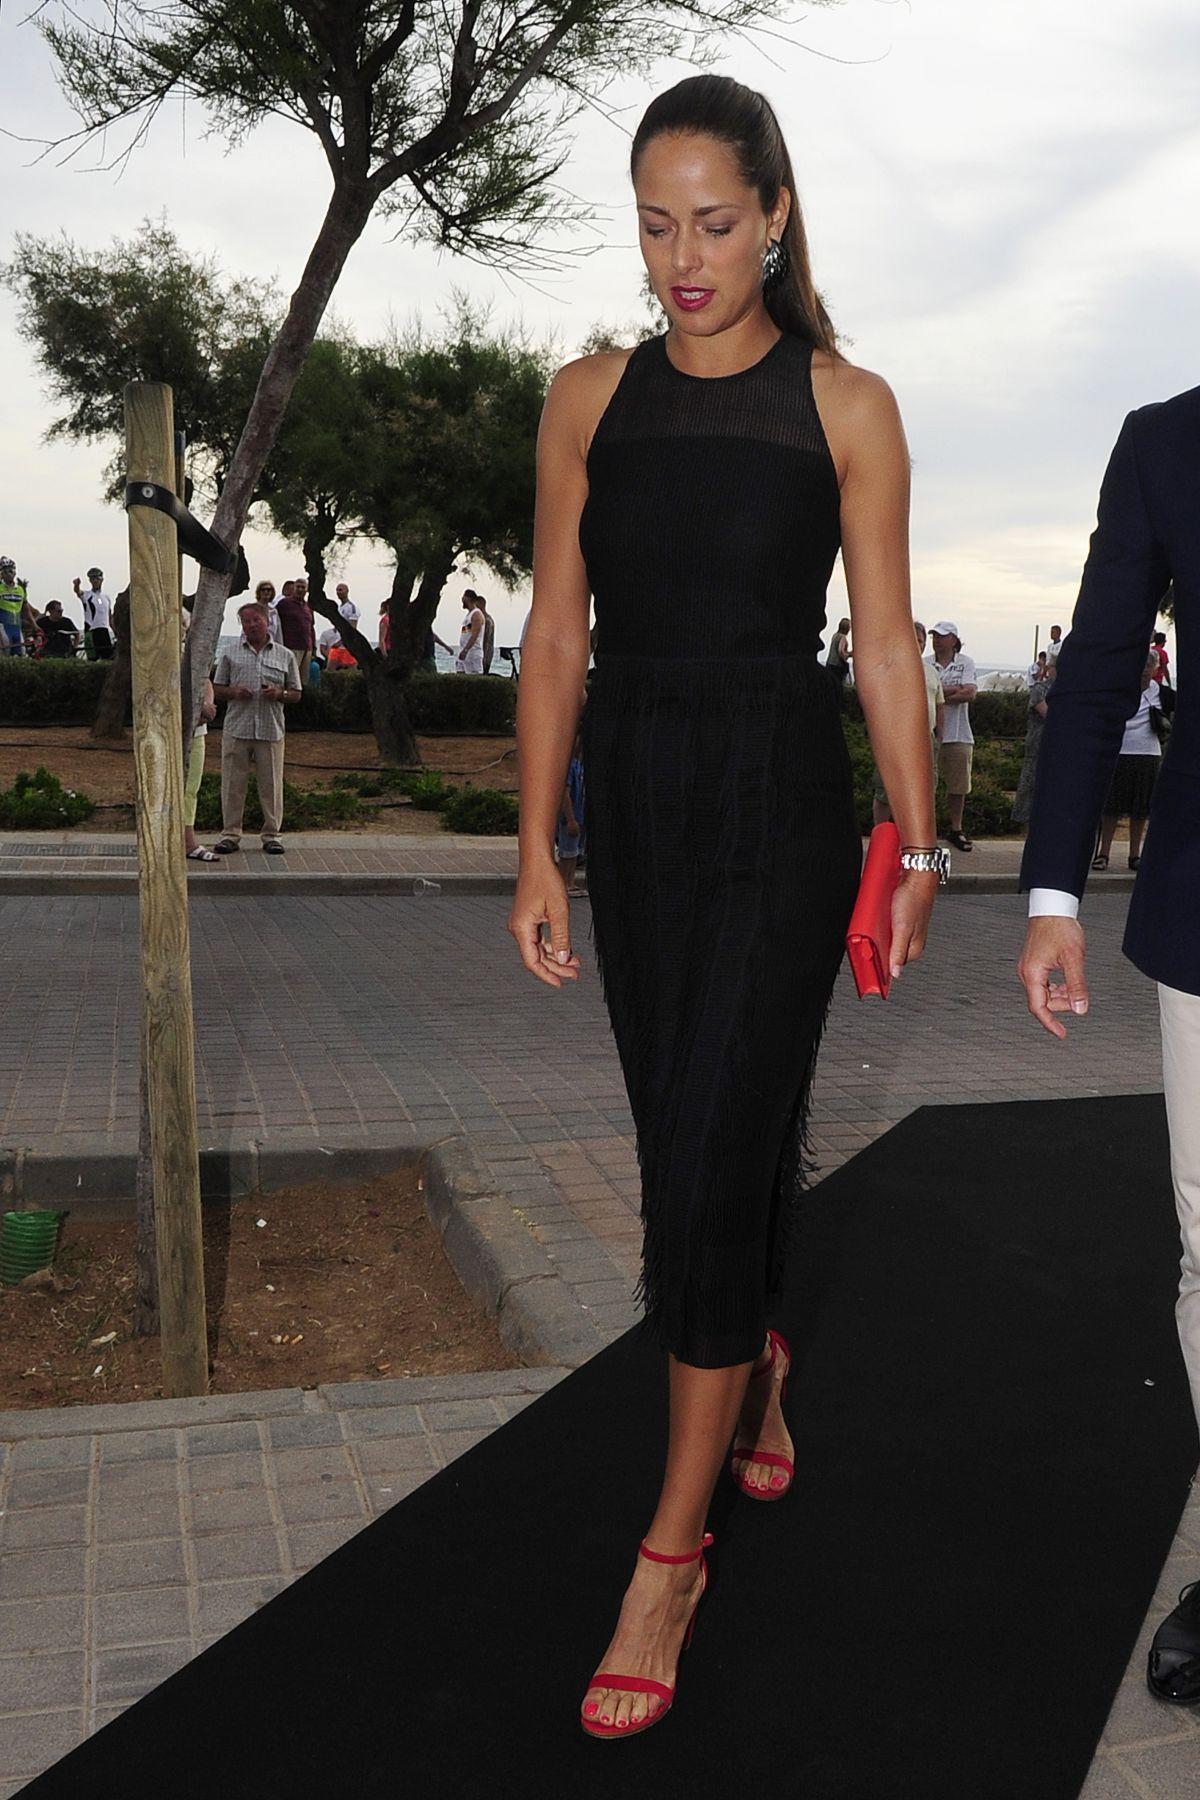 Ana Ivanovic Feet ana-ivanovic-at-mallorca-open-tennis-opening-party-in-palma